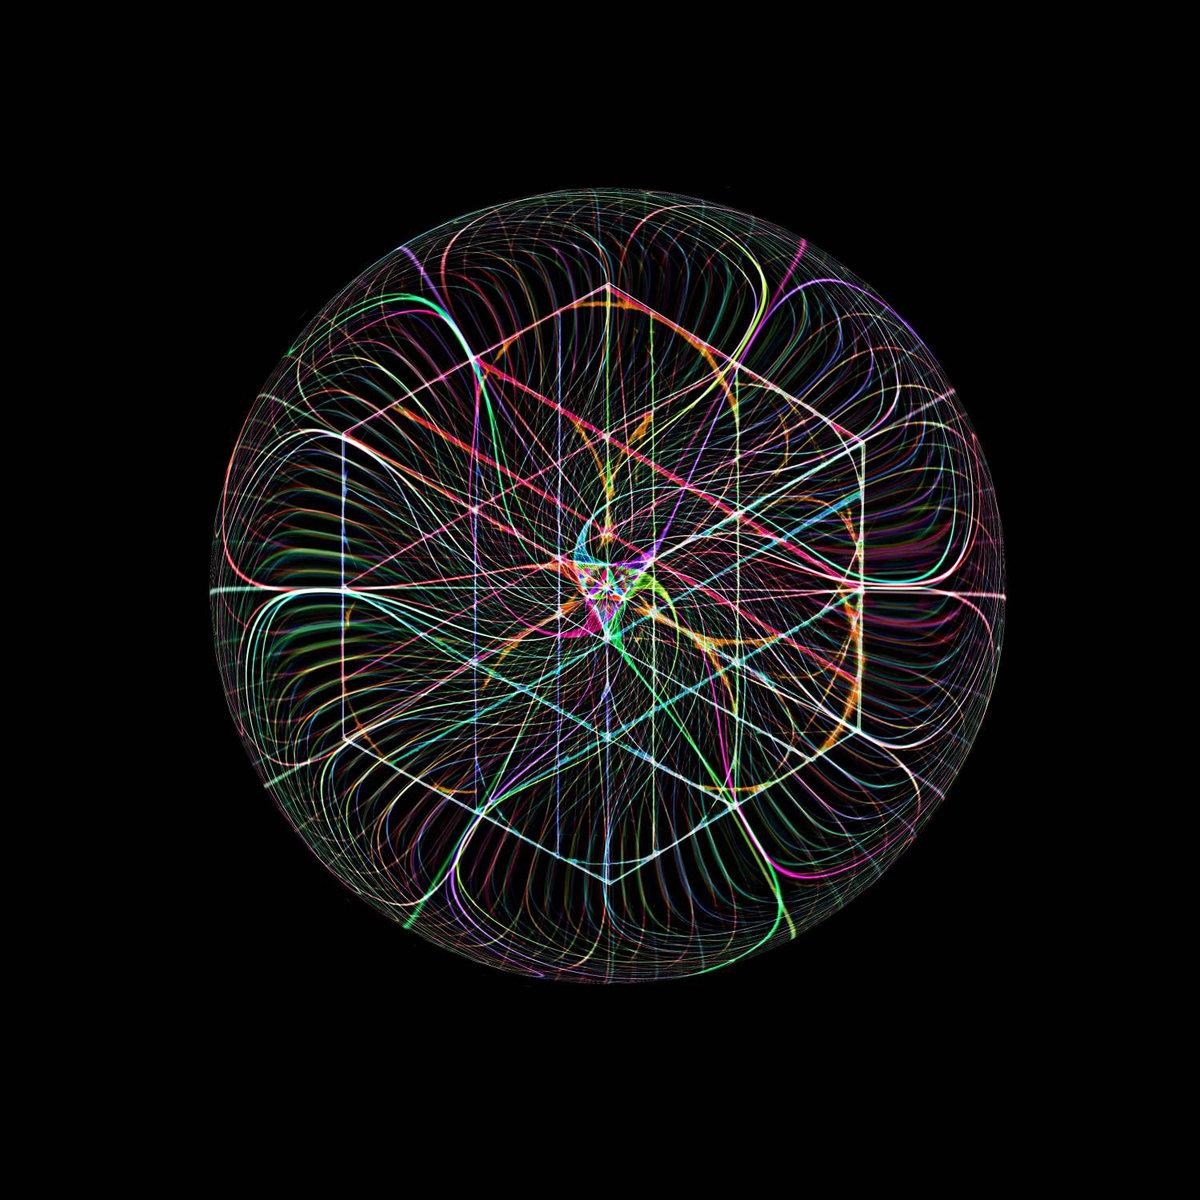 ما بعد آينشتاين: اكتشف الفيزيائيون حلًا للغز عزم الفوتون